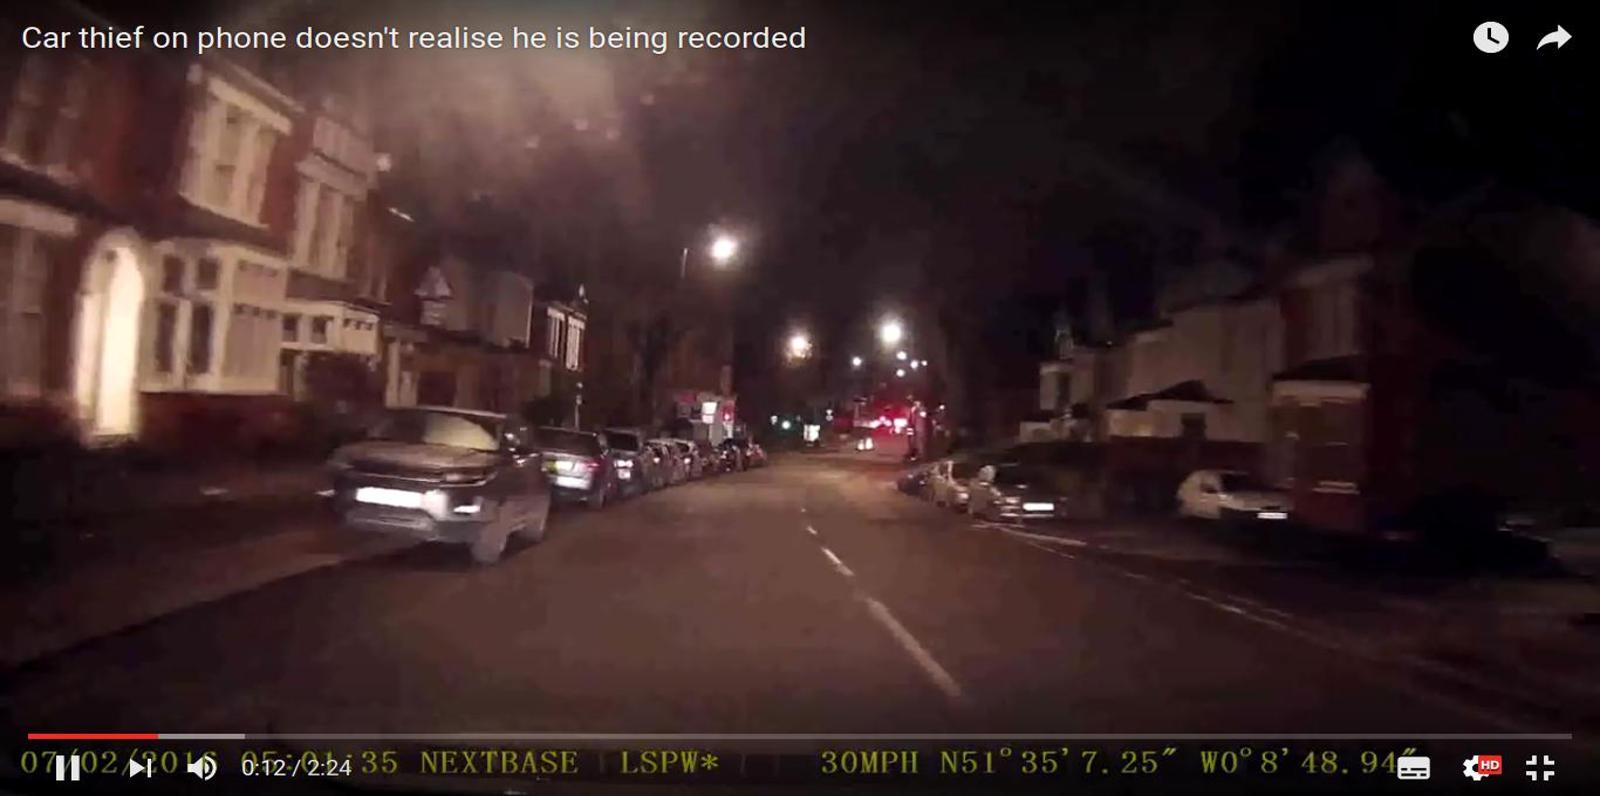 El ladrón de coches quedó grabado